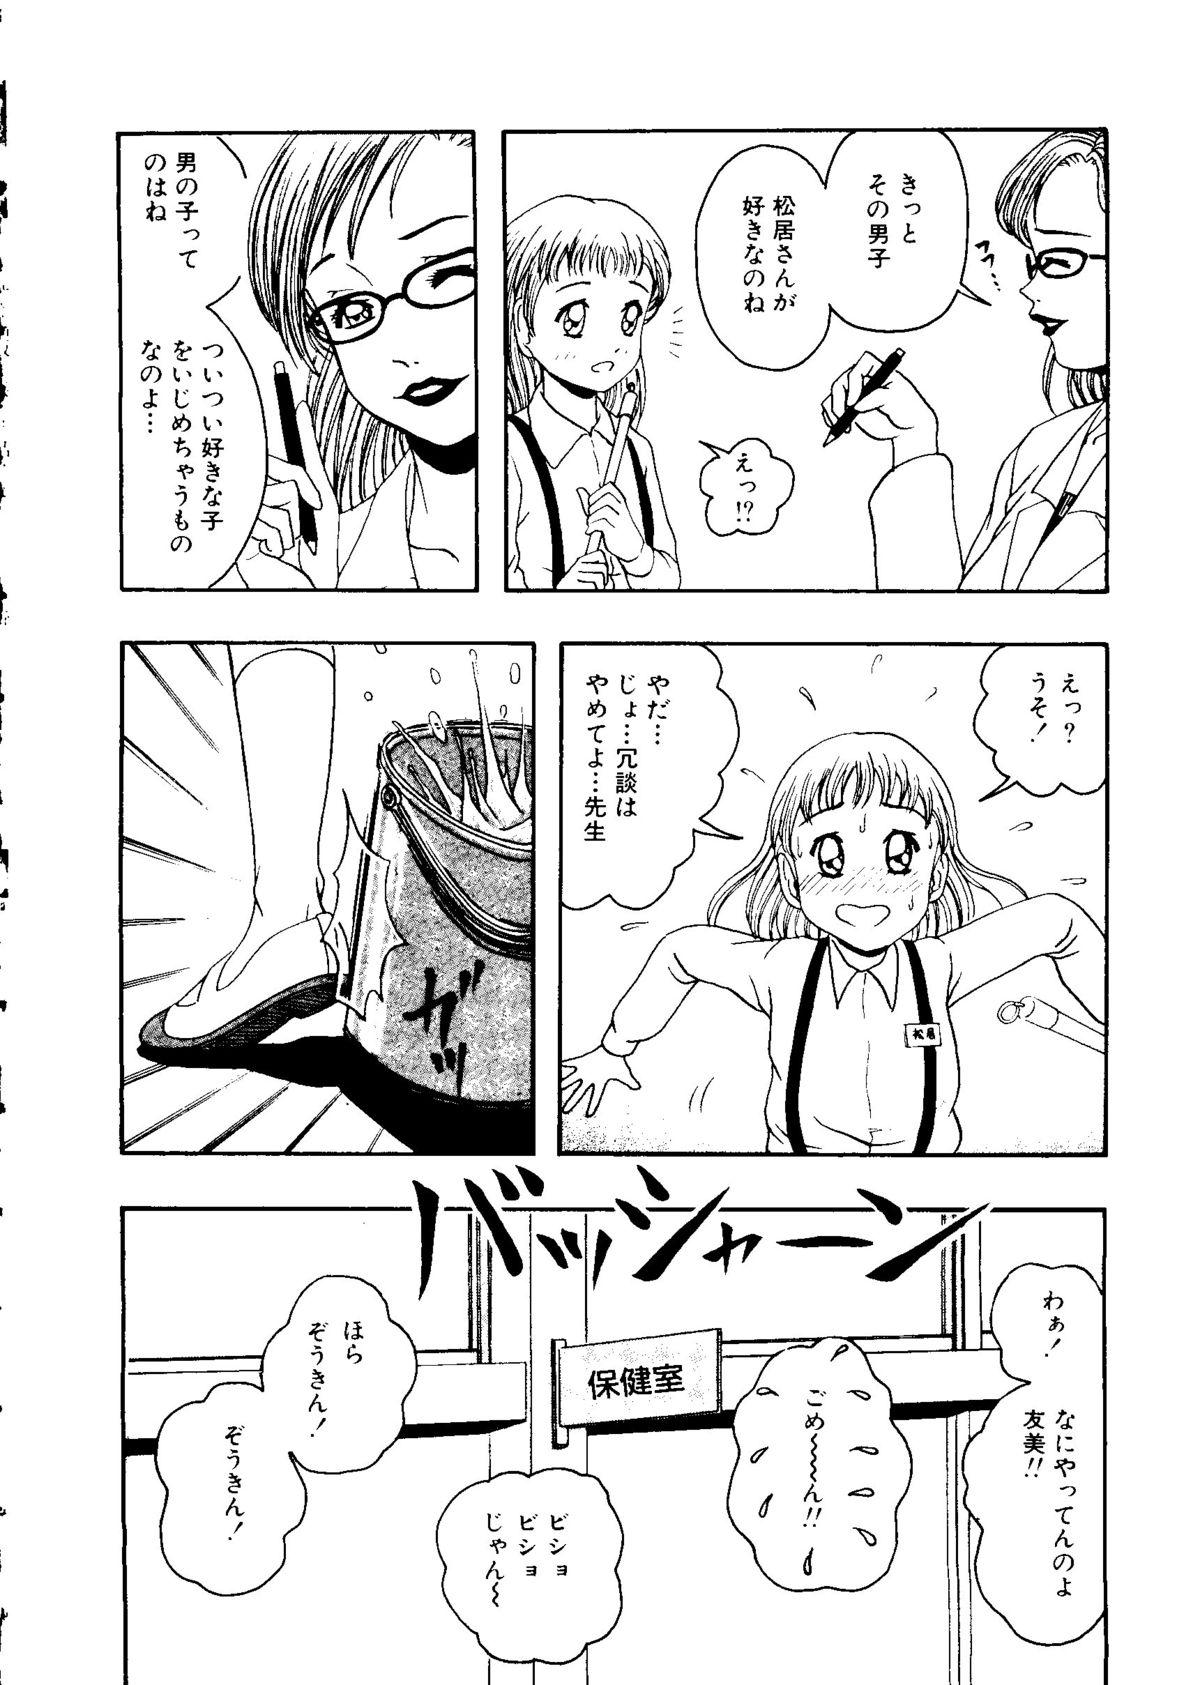 Mujirushi Youhin Vol. 7 84